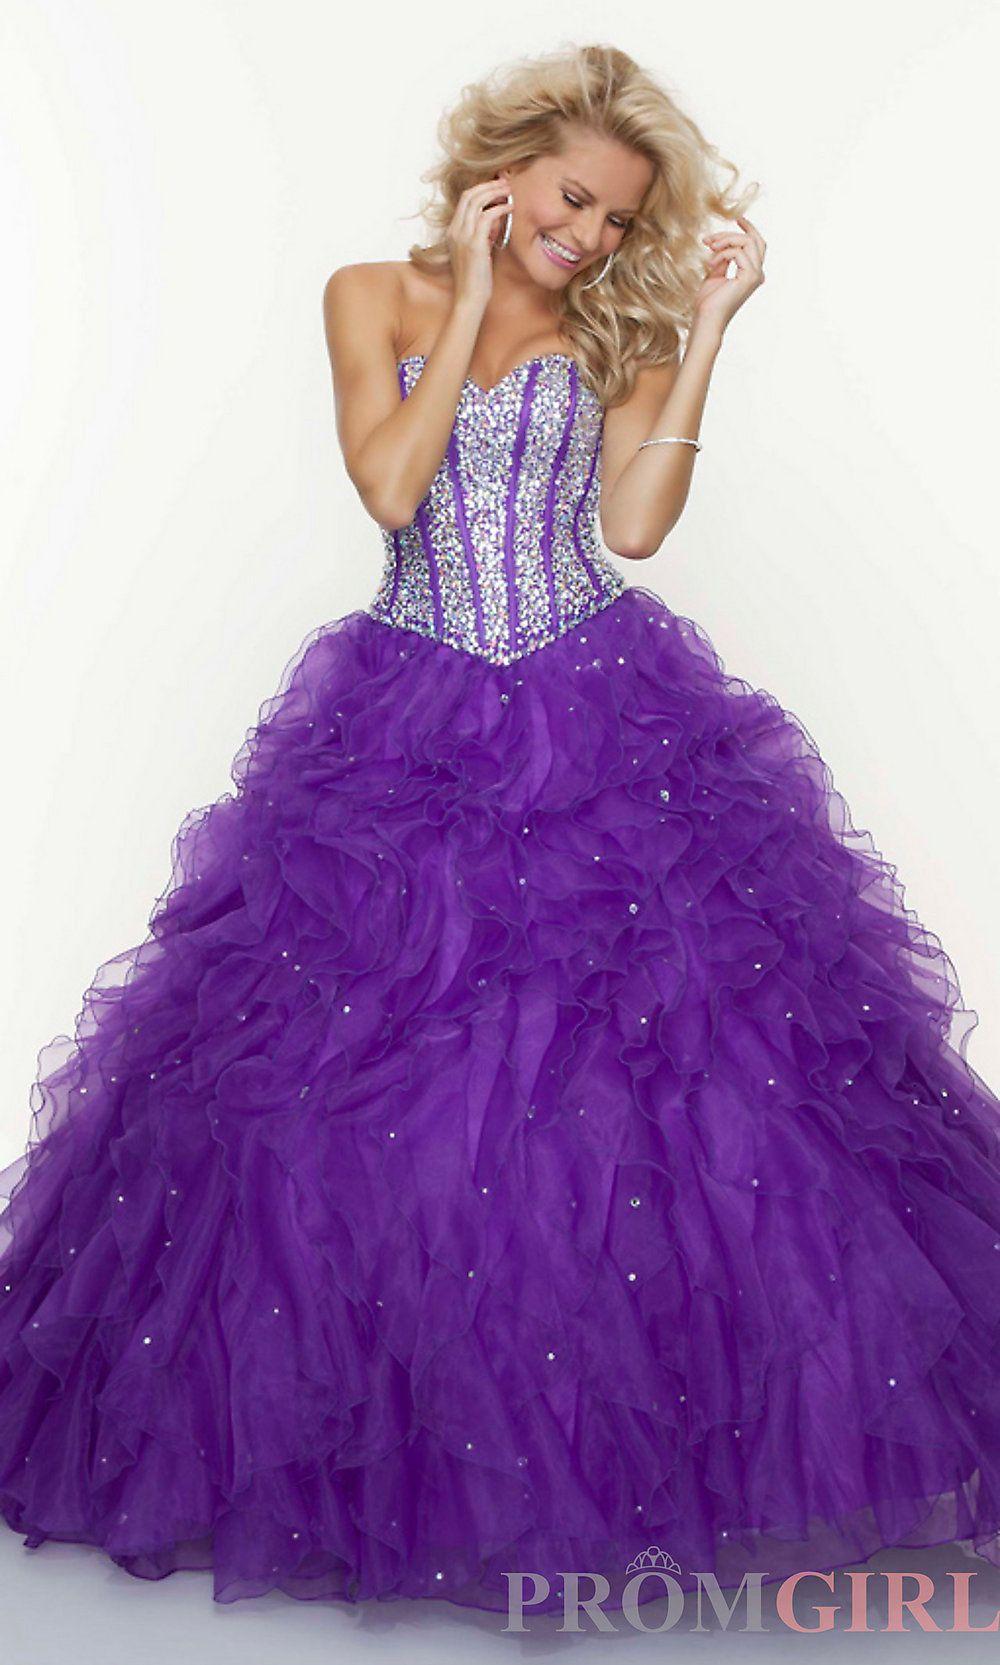 purple sparkles ballgown | PROM | Pinterest | Chica de baile de ...